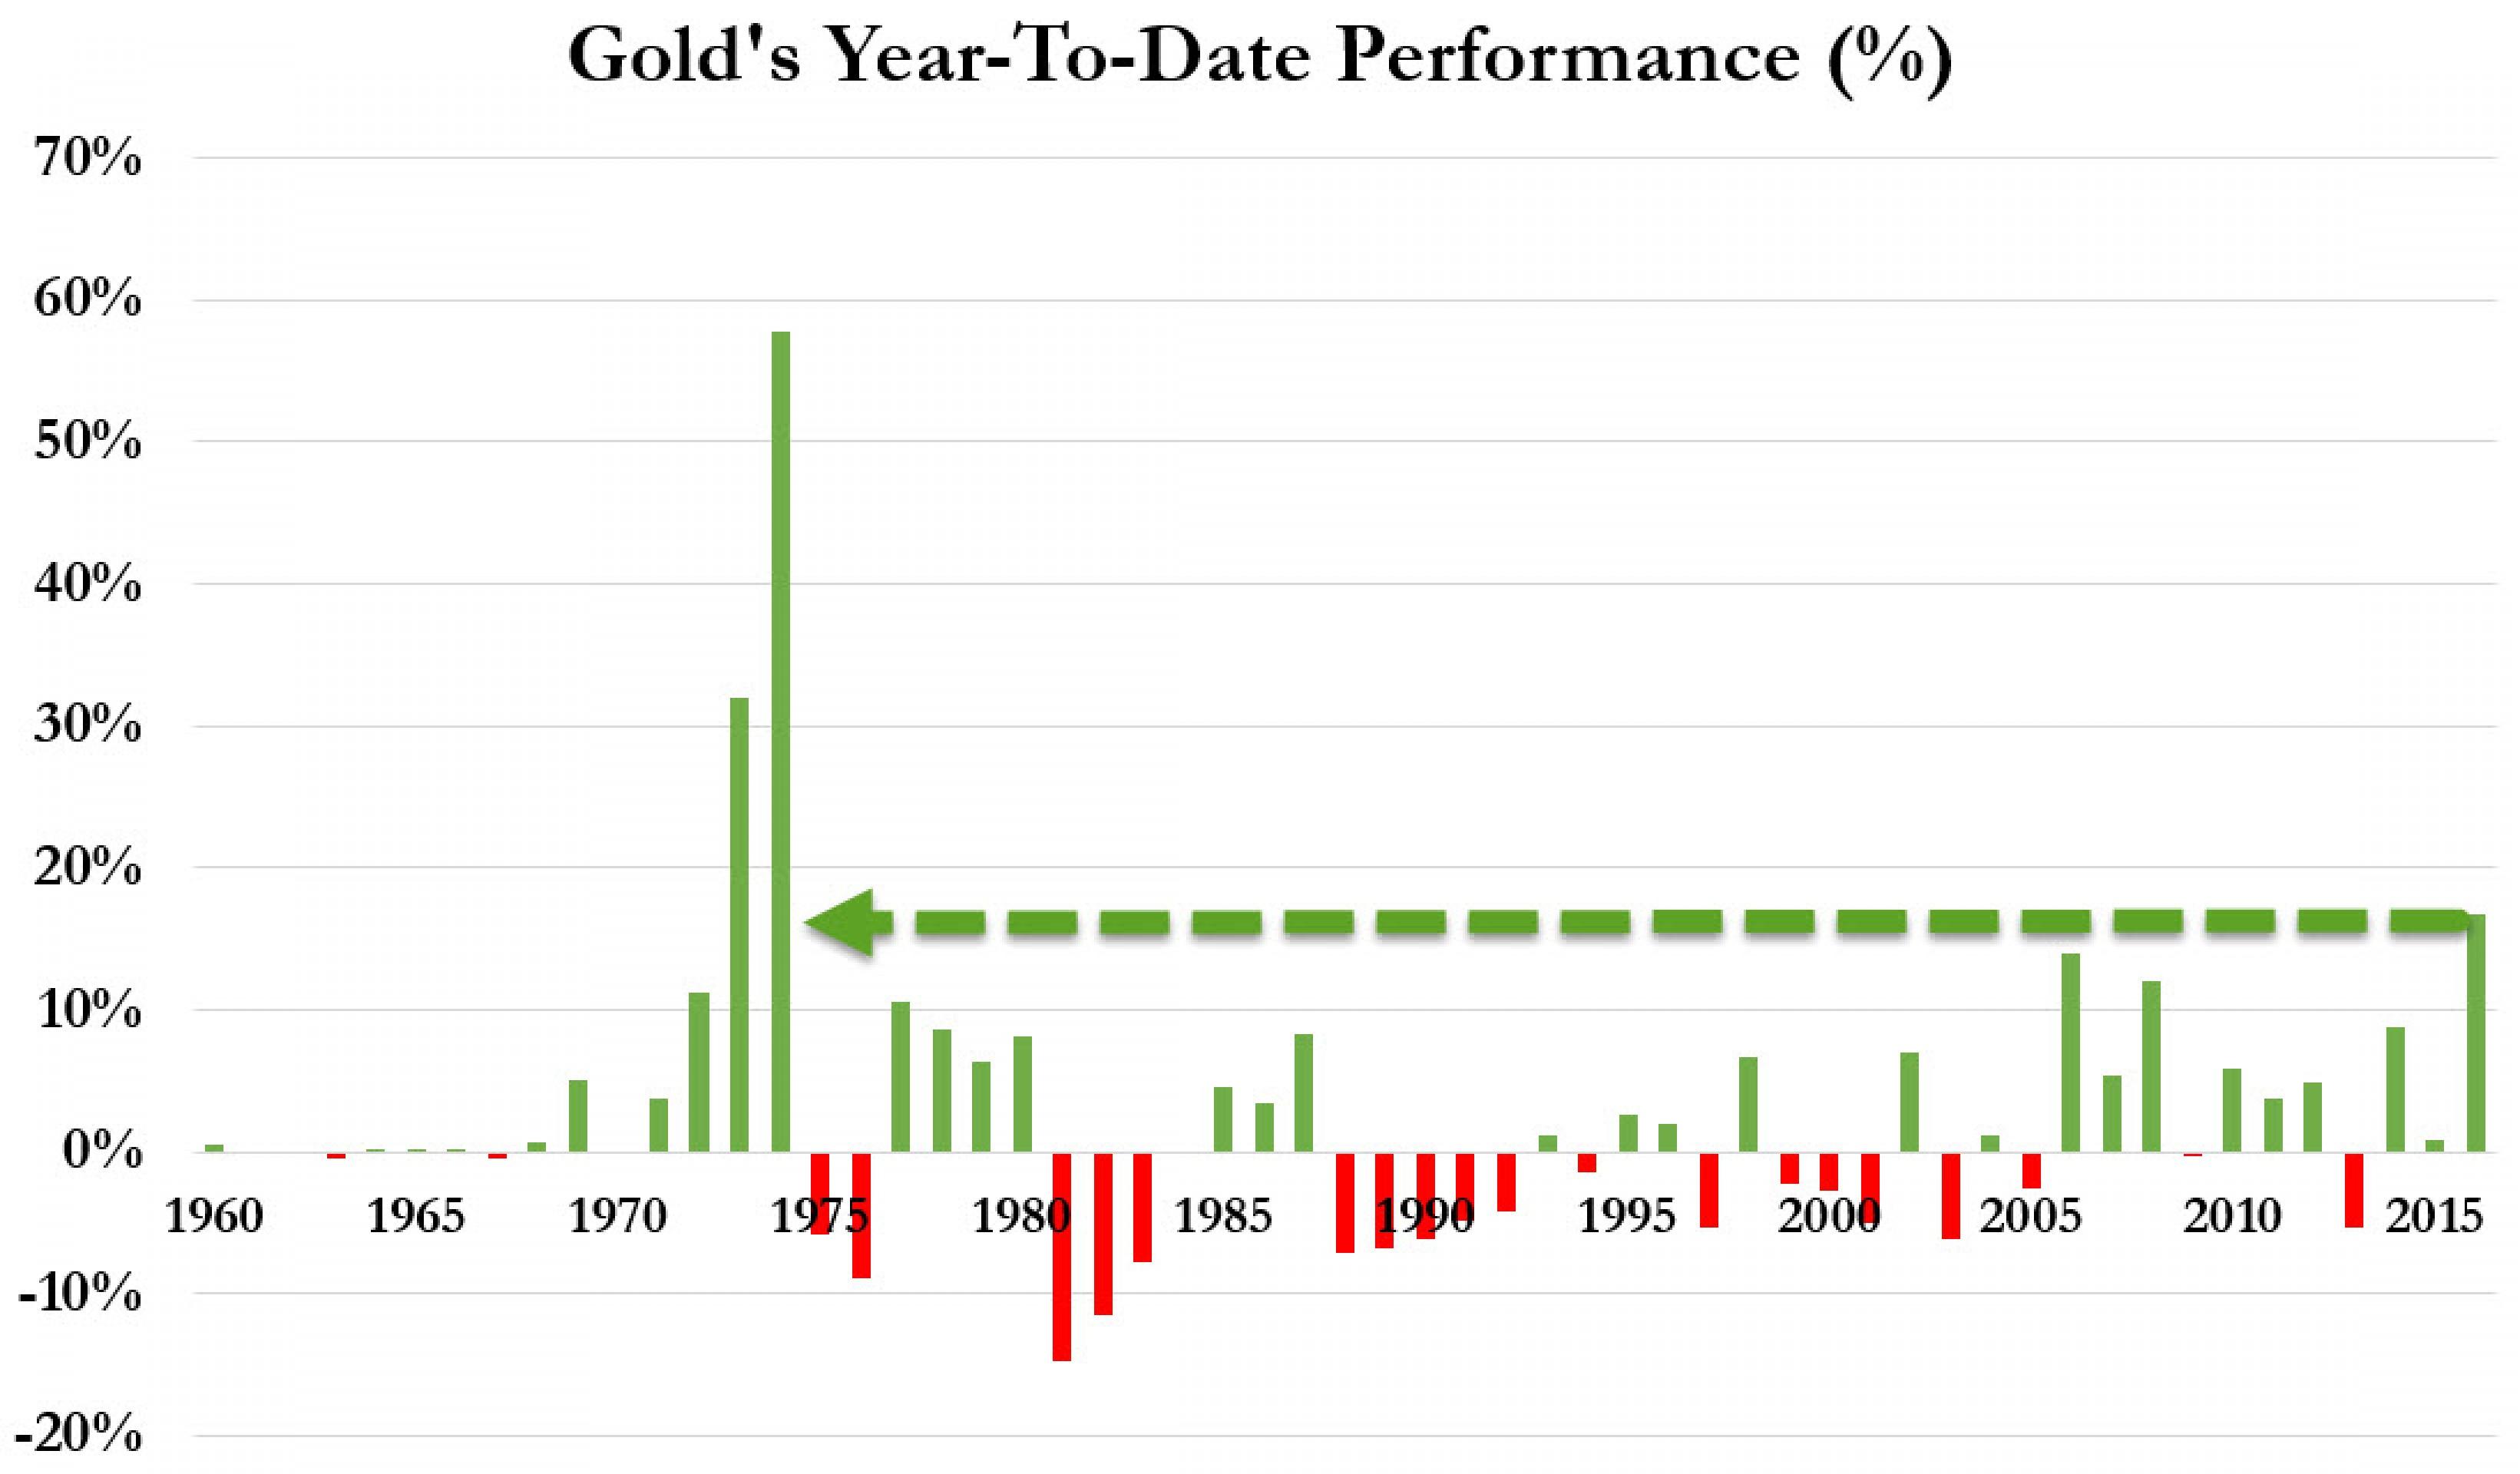 Опционные трейдеры все еще верят в рост золота